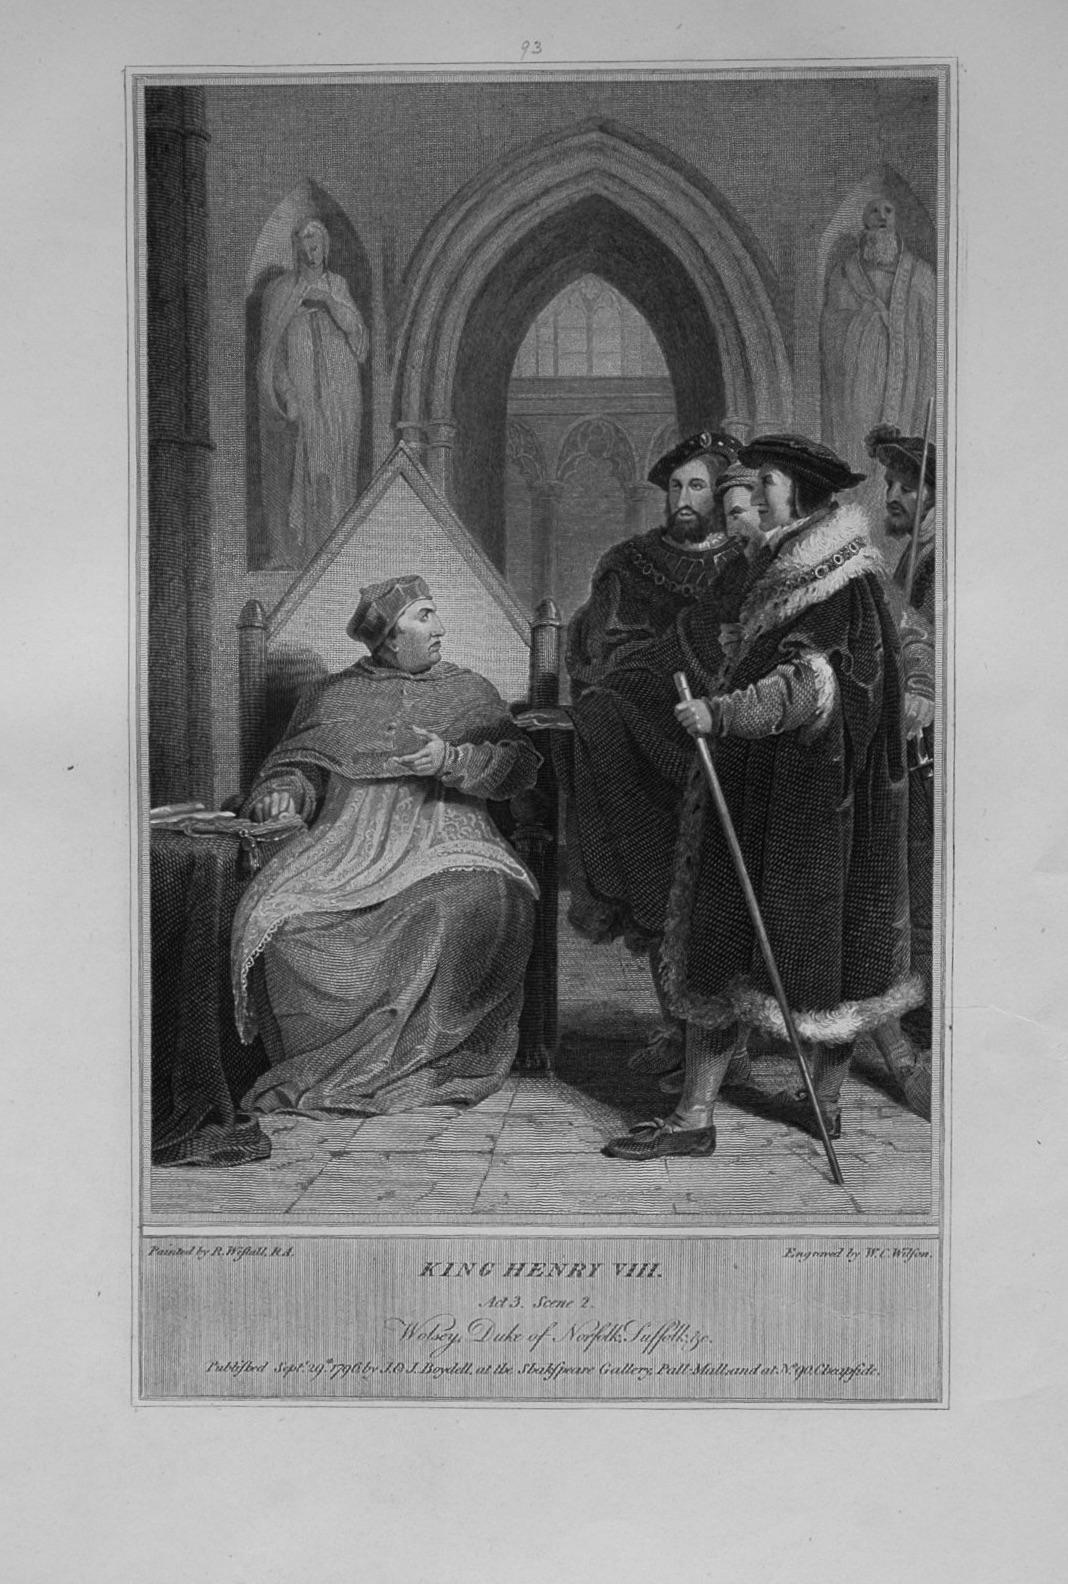 King Henry VIII. Act 3. Scene 2.